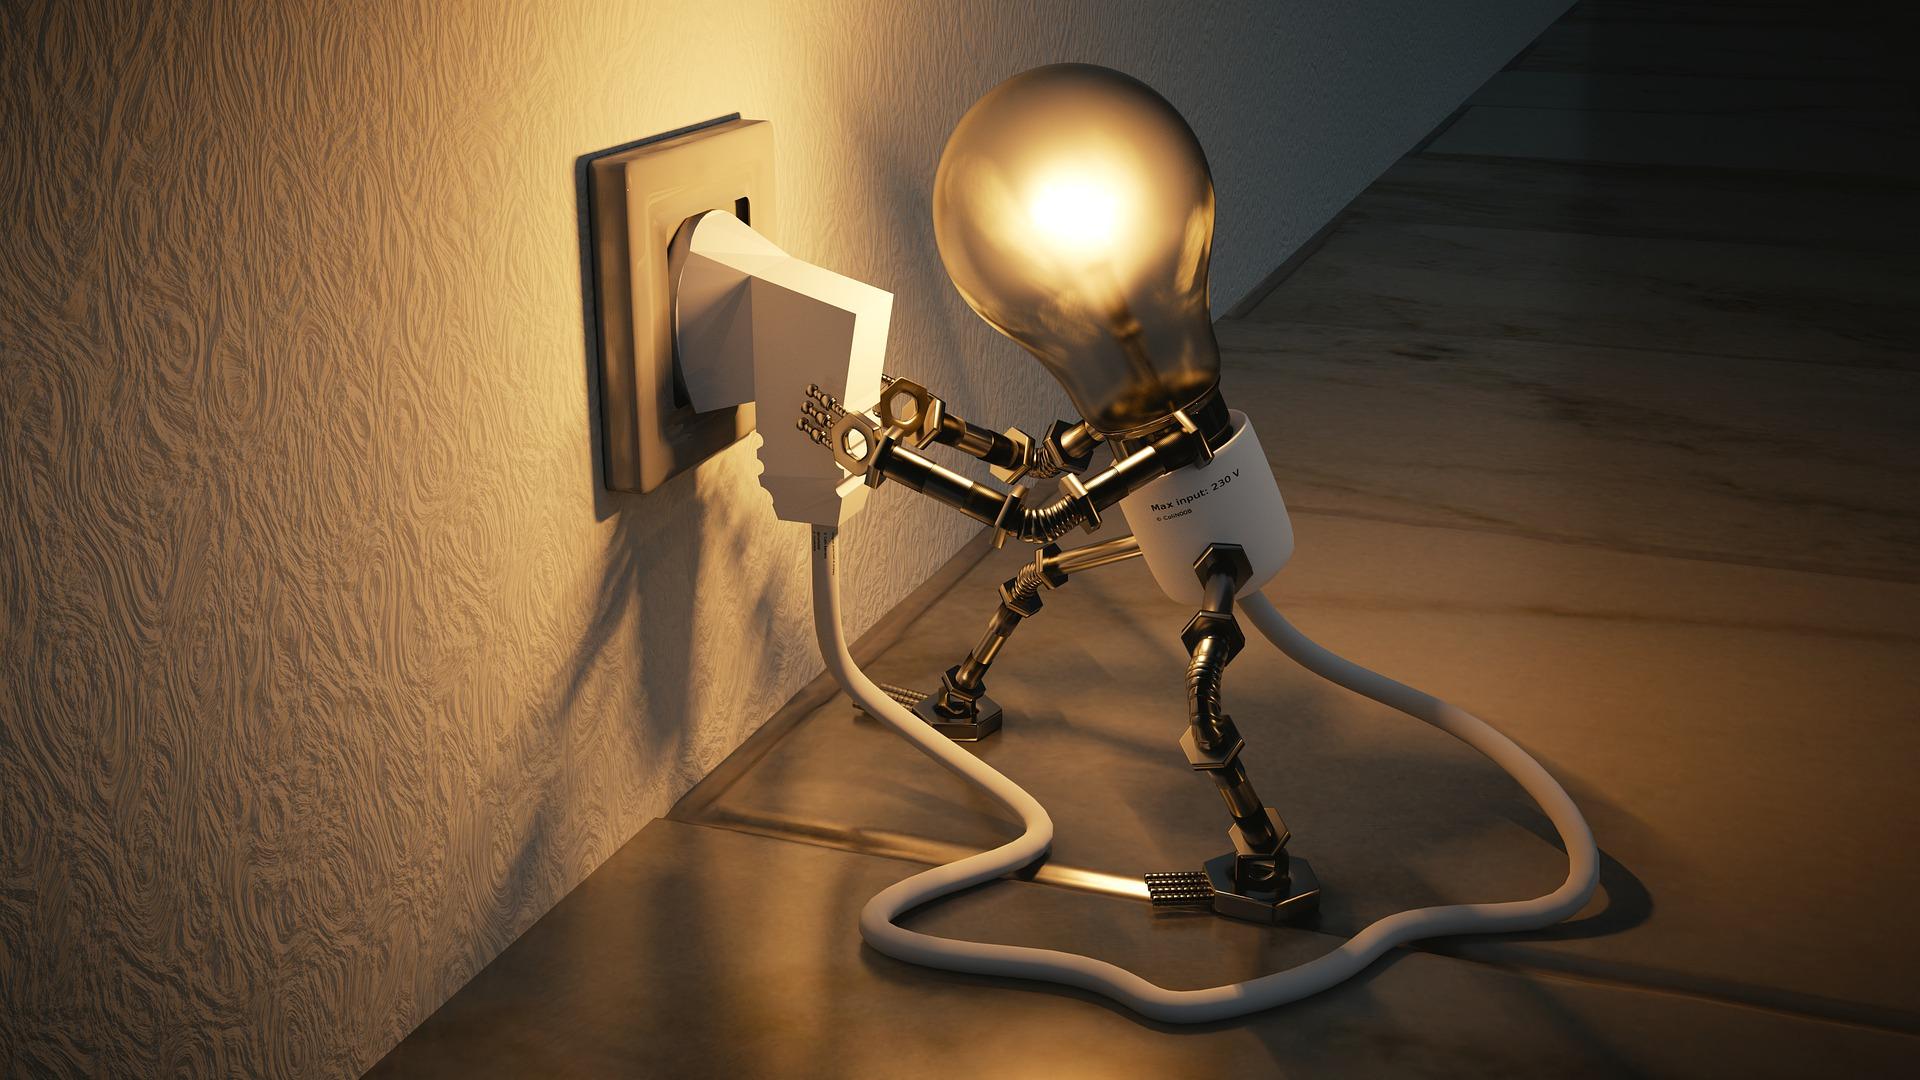 entreprise electricite lyon artisan Vénissieux économie d'énergie slider 9